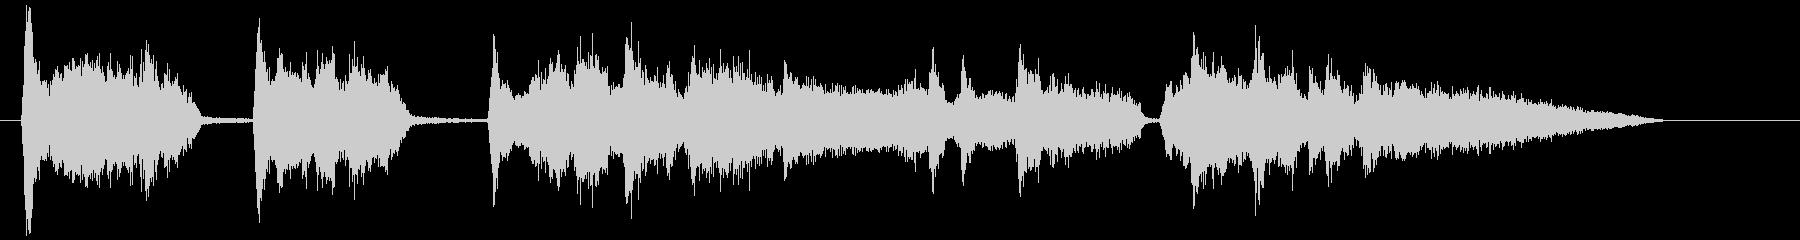 英詞、中低音が耳ごごち良い短いアカペラの未再生の波形